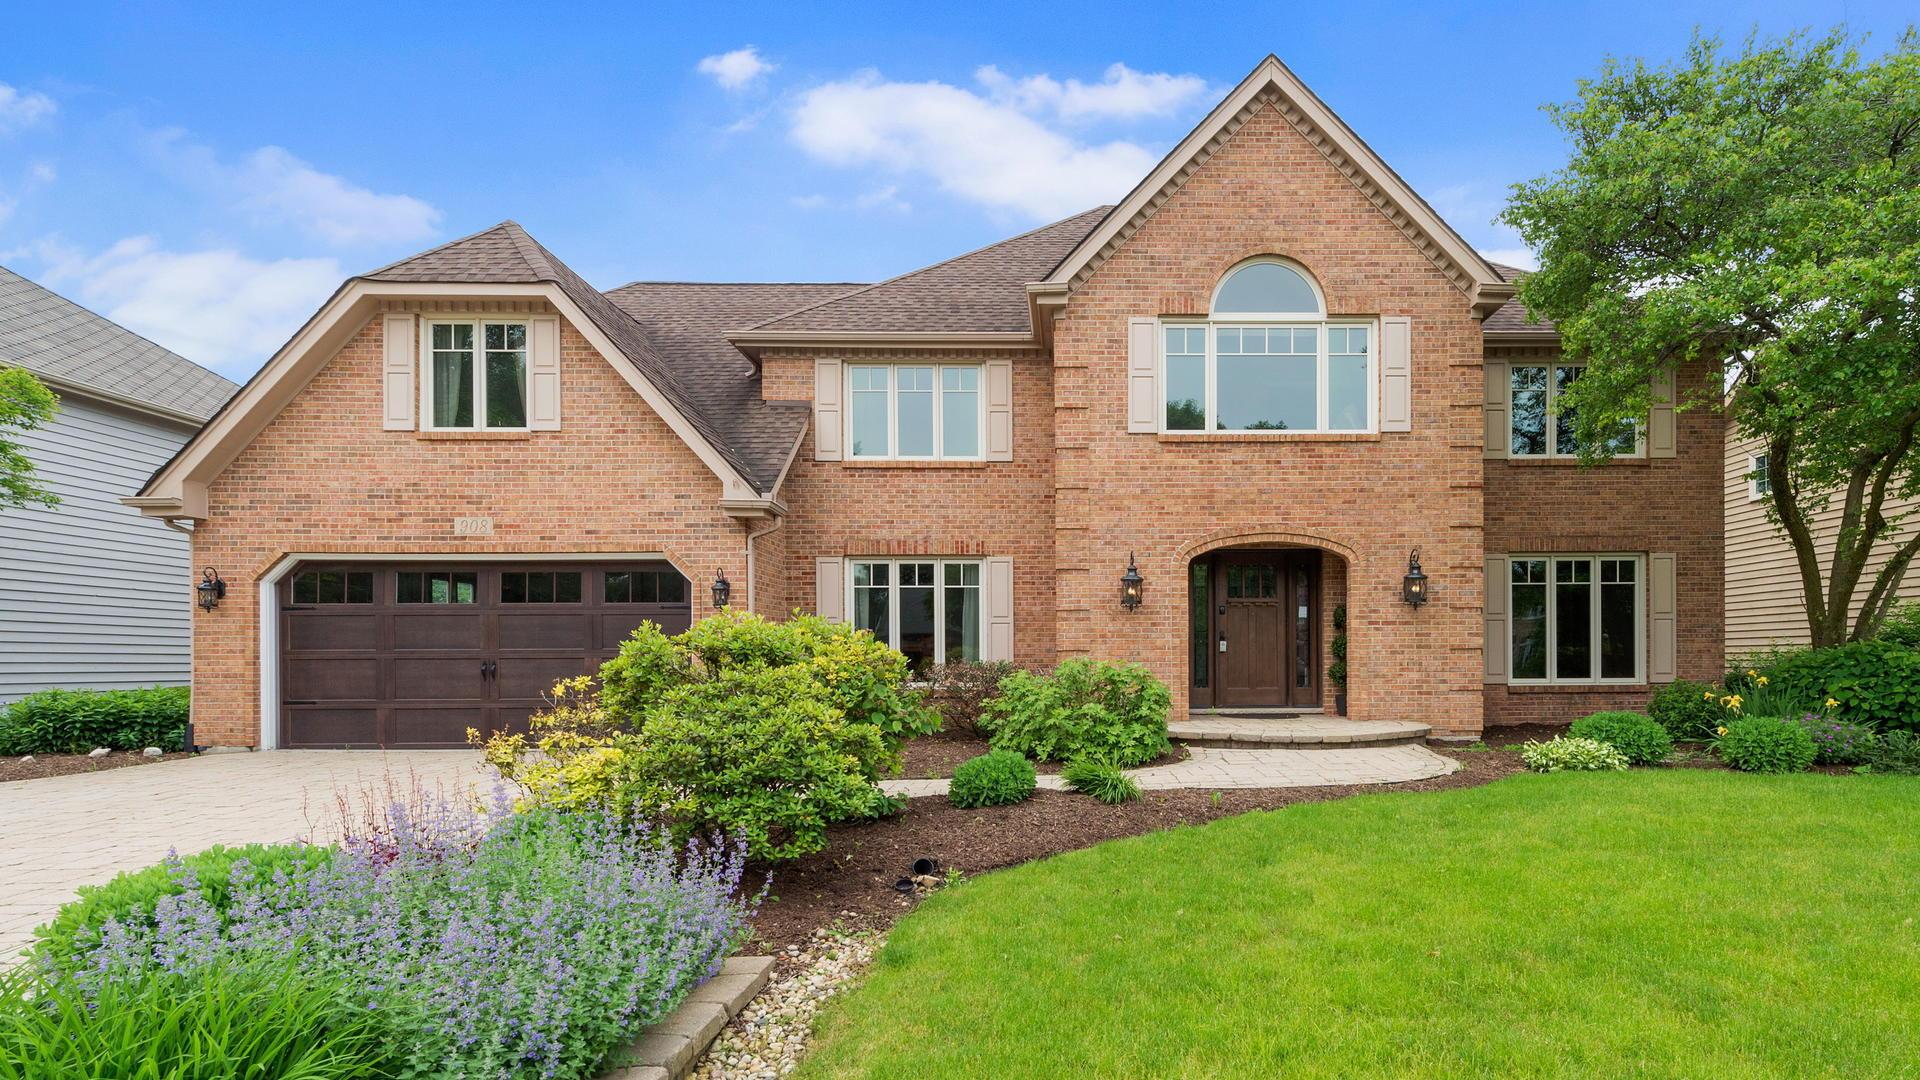 908 Bailey ,Naperville, Illinois 60565